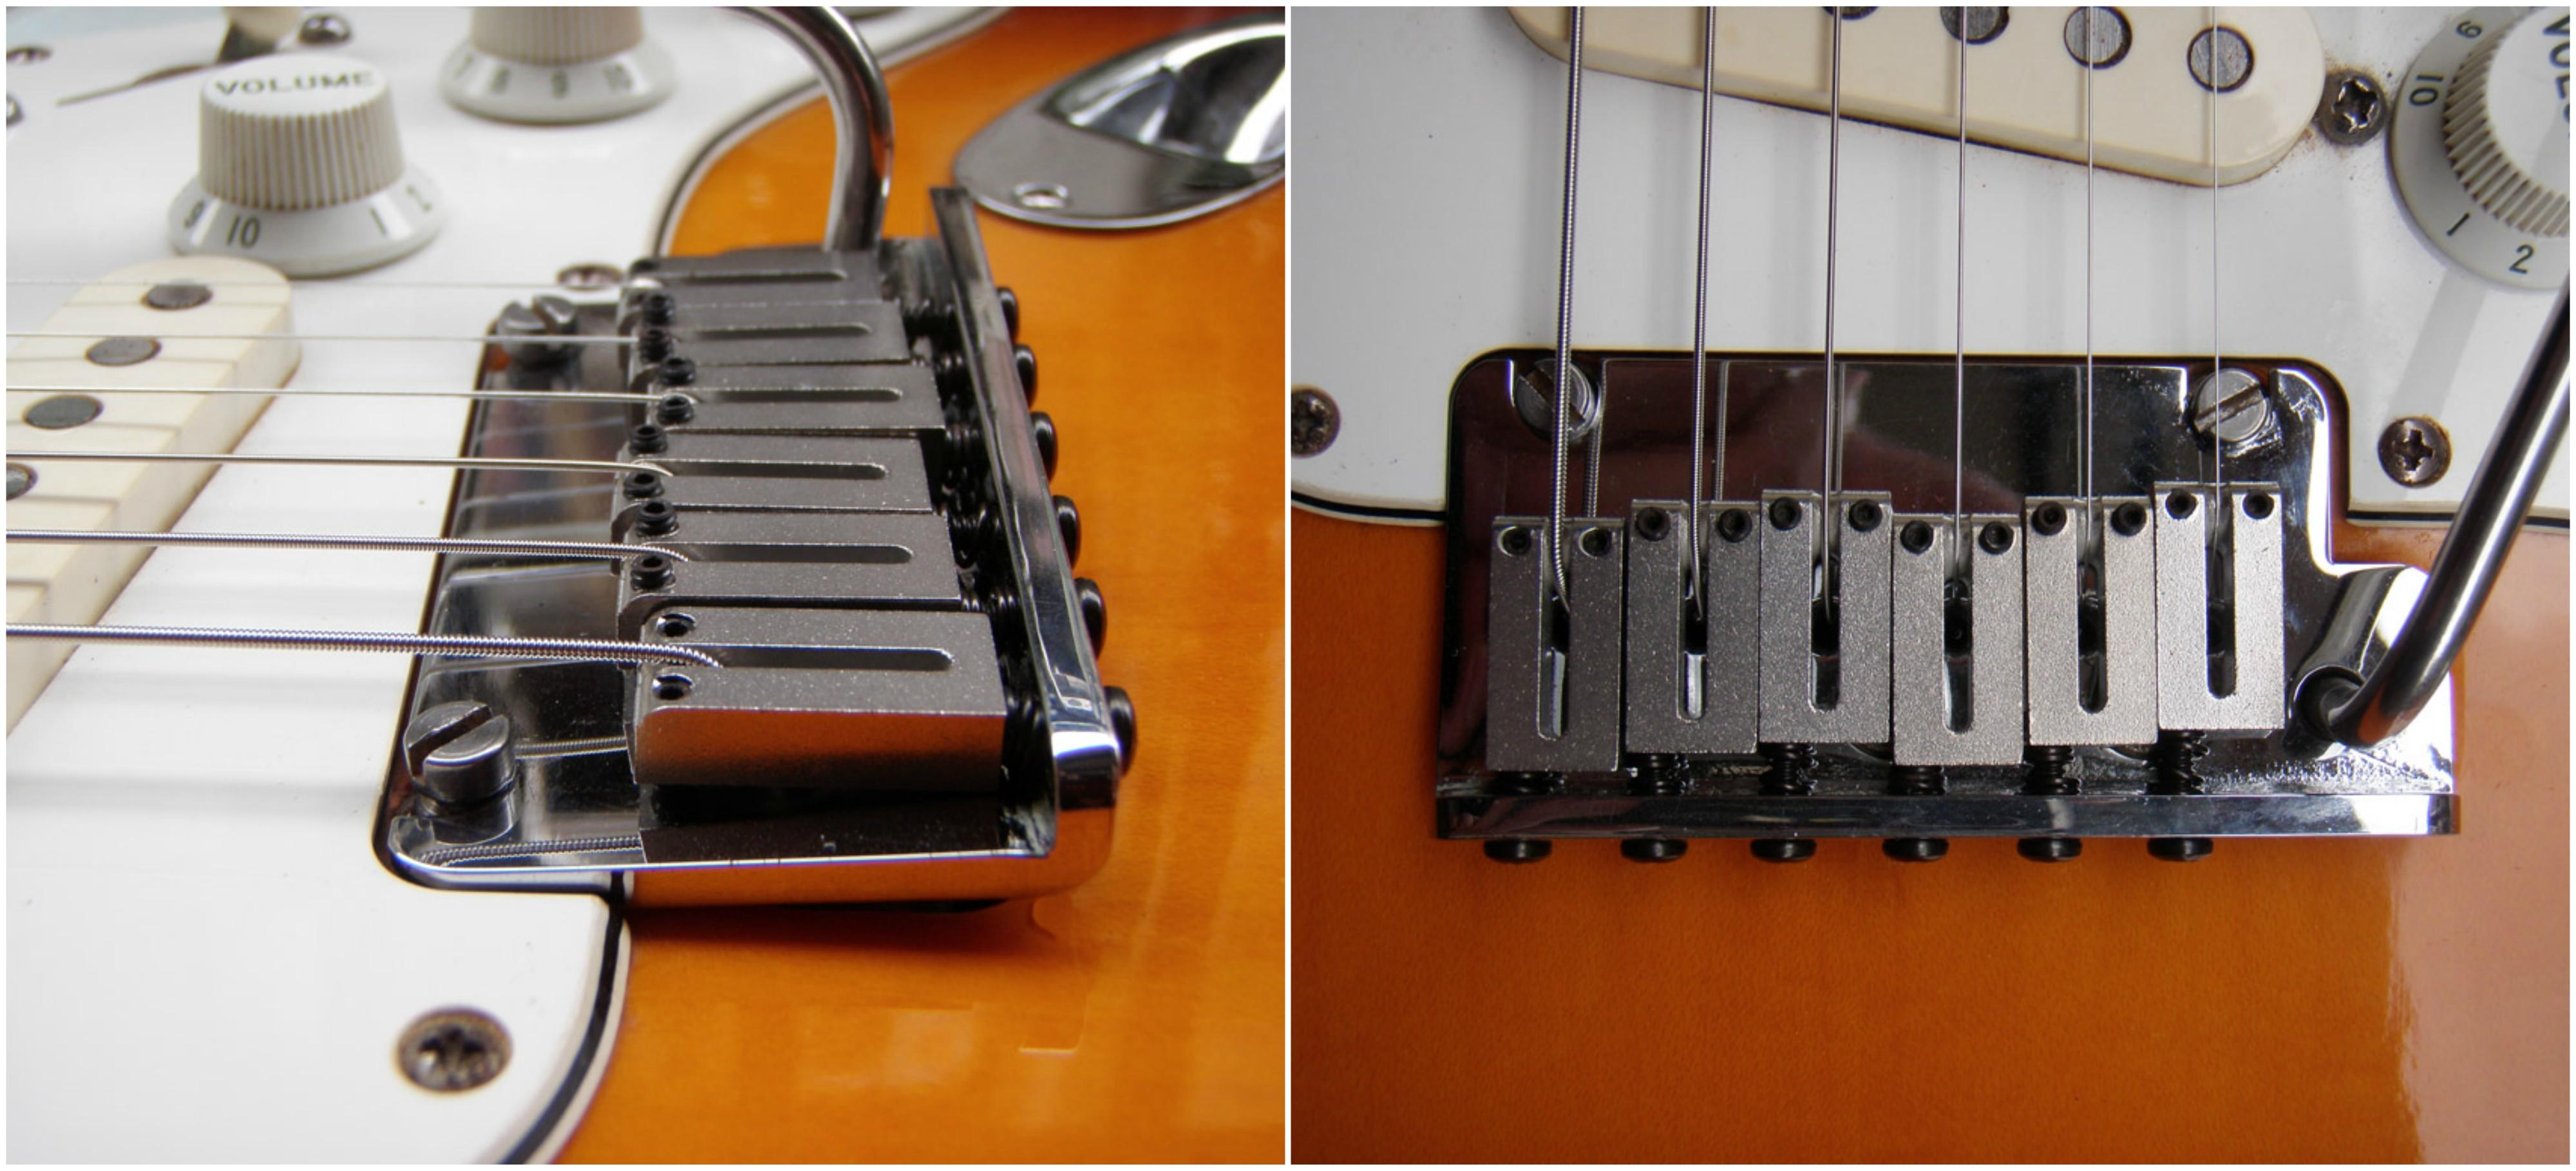 Puente de tr/émolo para guitarra puente de vibrato de bloqueo /único Plata cordal para guitarra ST sistema de tr/émolo con rodillo